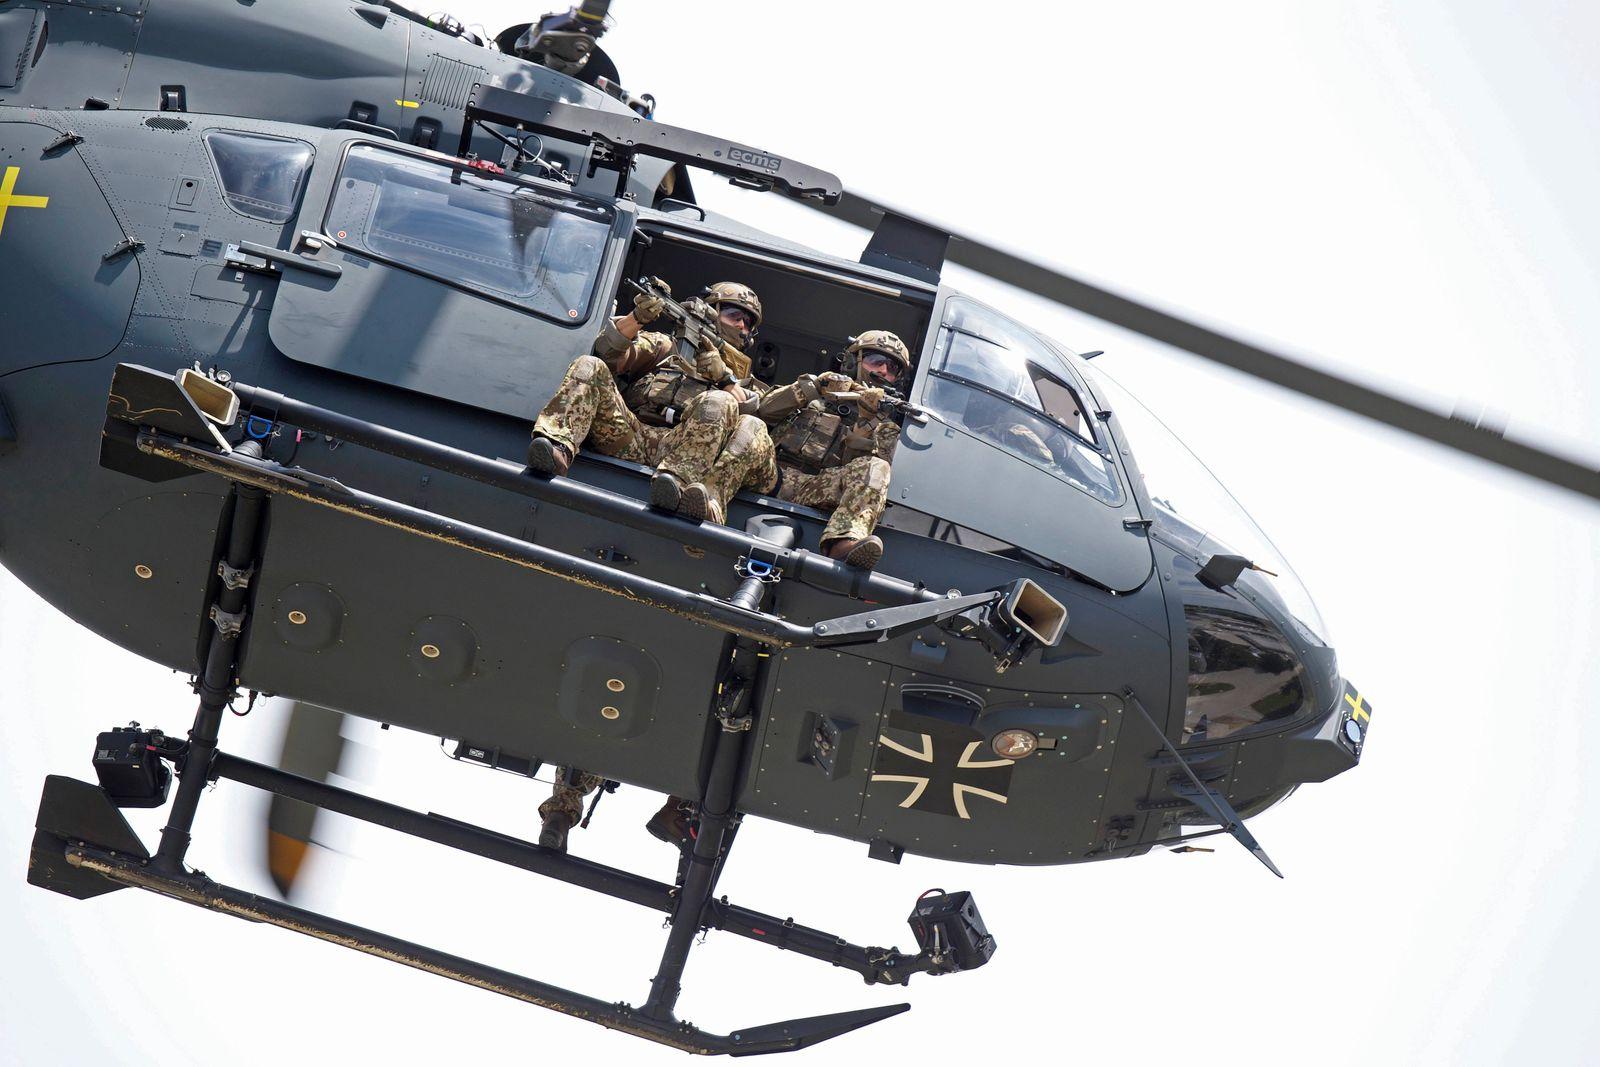 Kommandosoldaten des Kommando Spezialkräfte (KSK) sitzen im Helikopter vom Typ Airbus Helicopters H145M LUH SOF (Light